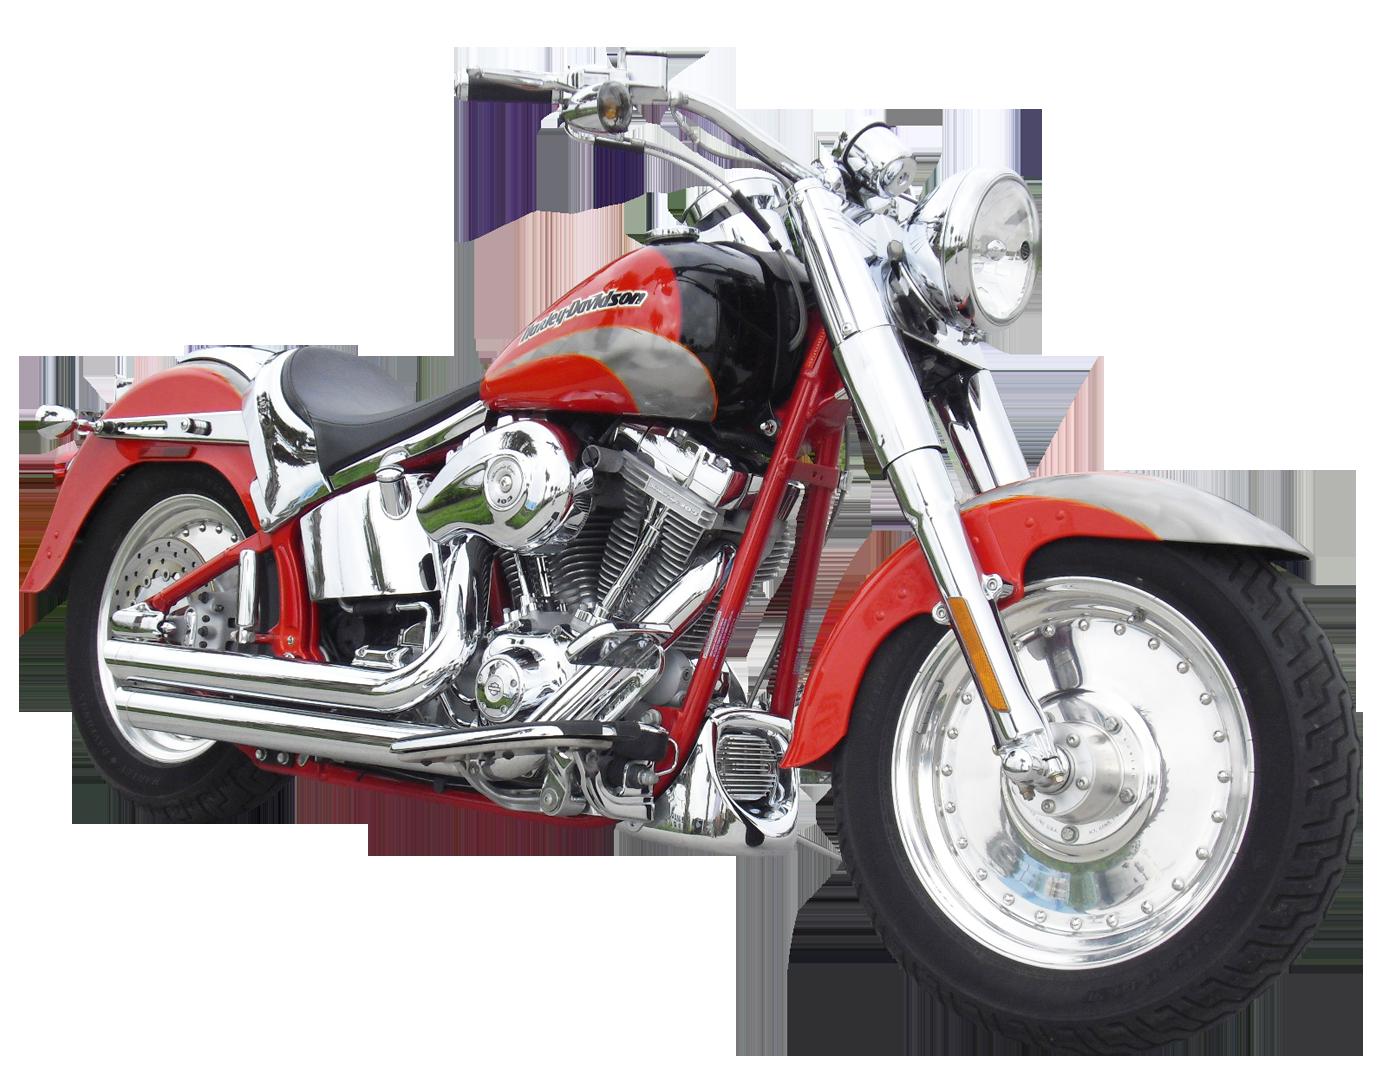 Harley Davidson Motorcycle Bike PNG Image 1.